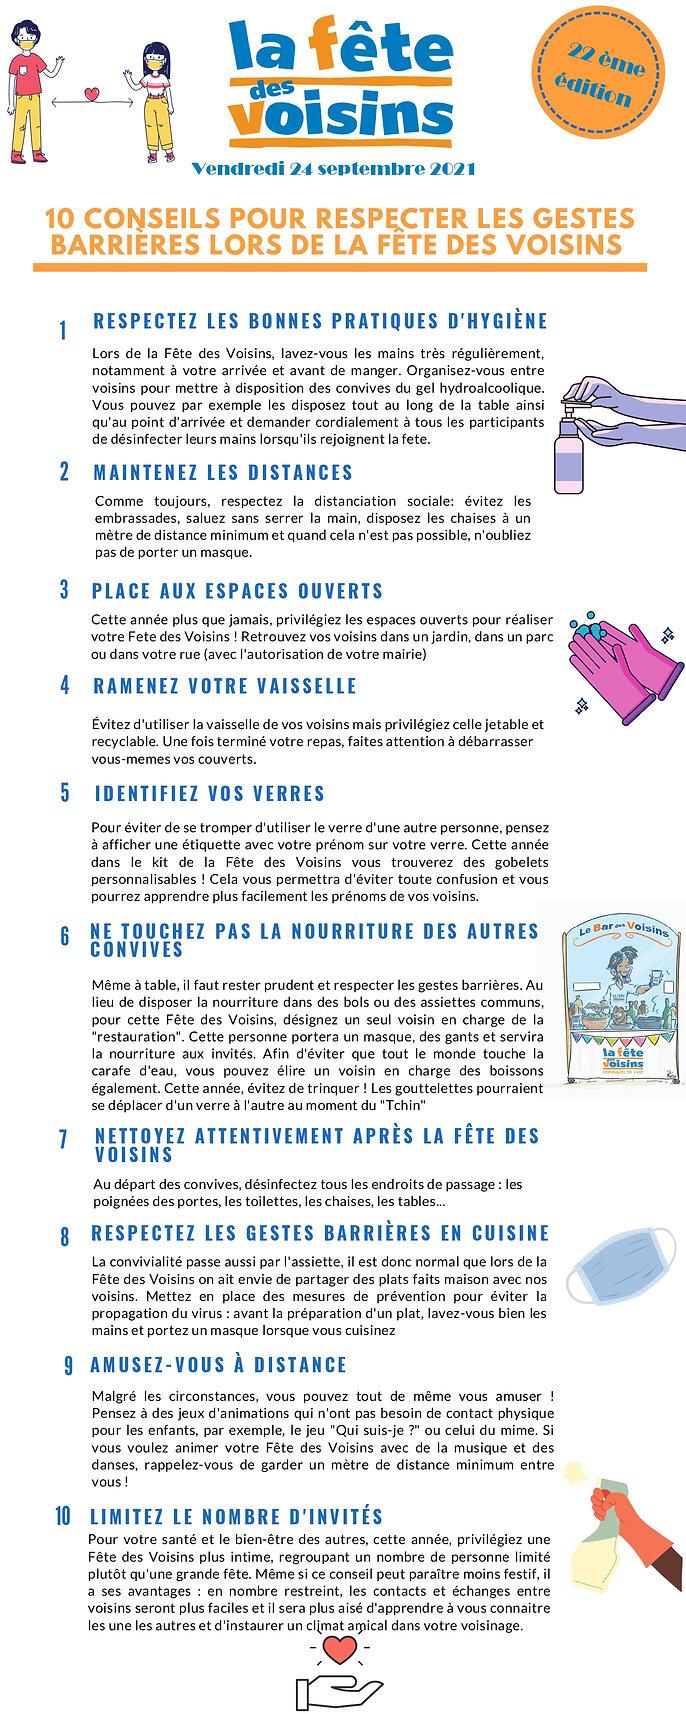 10 conseils gestes barrières 24 septembre 2021_page-0001.jpg